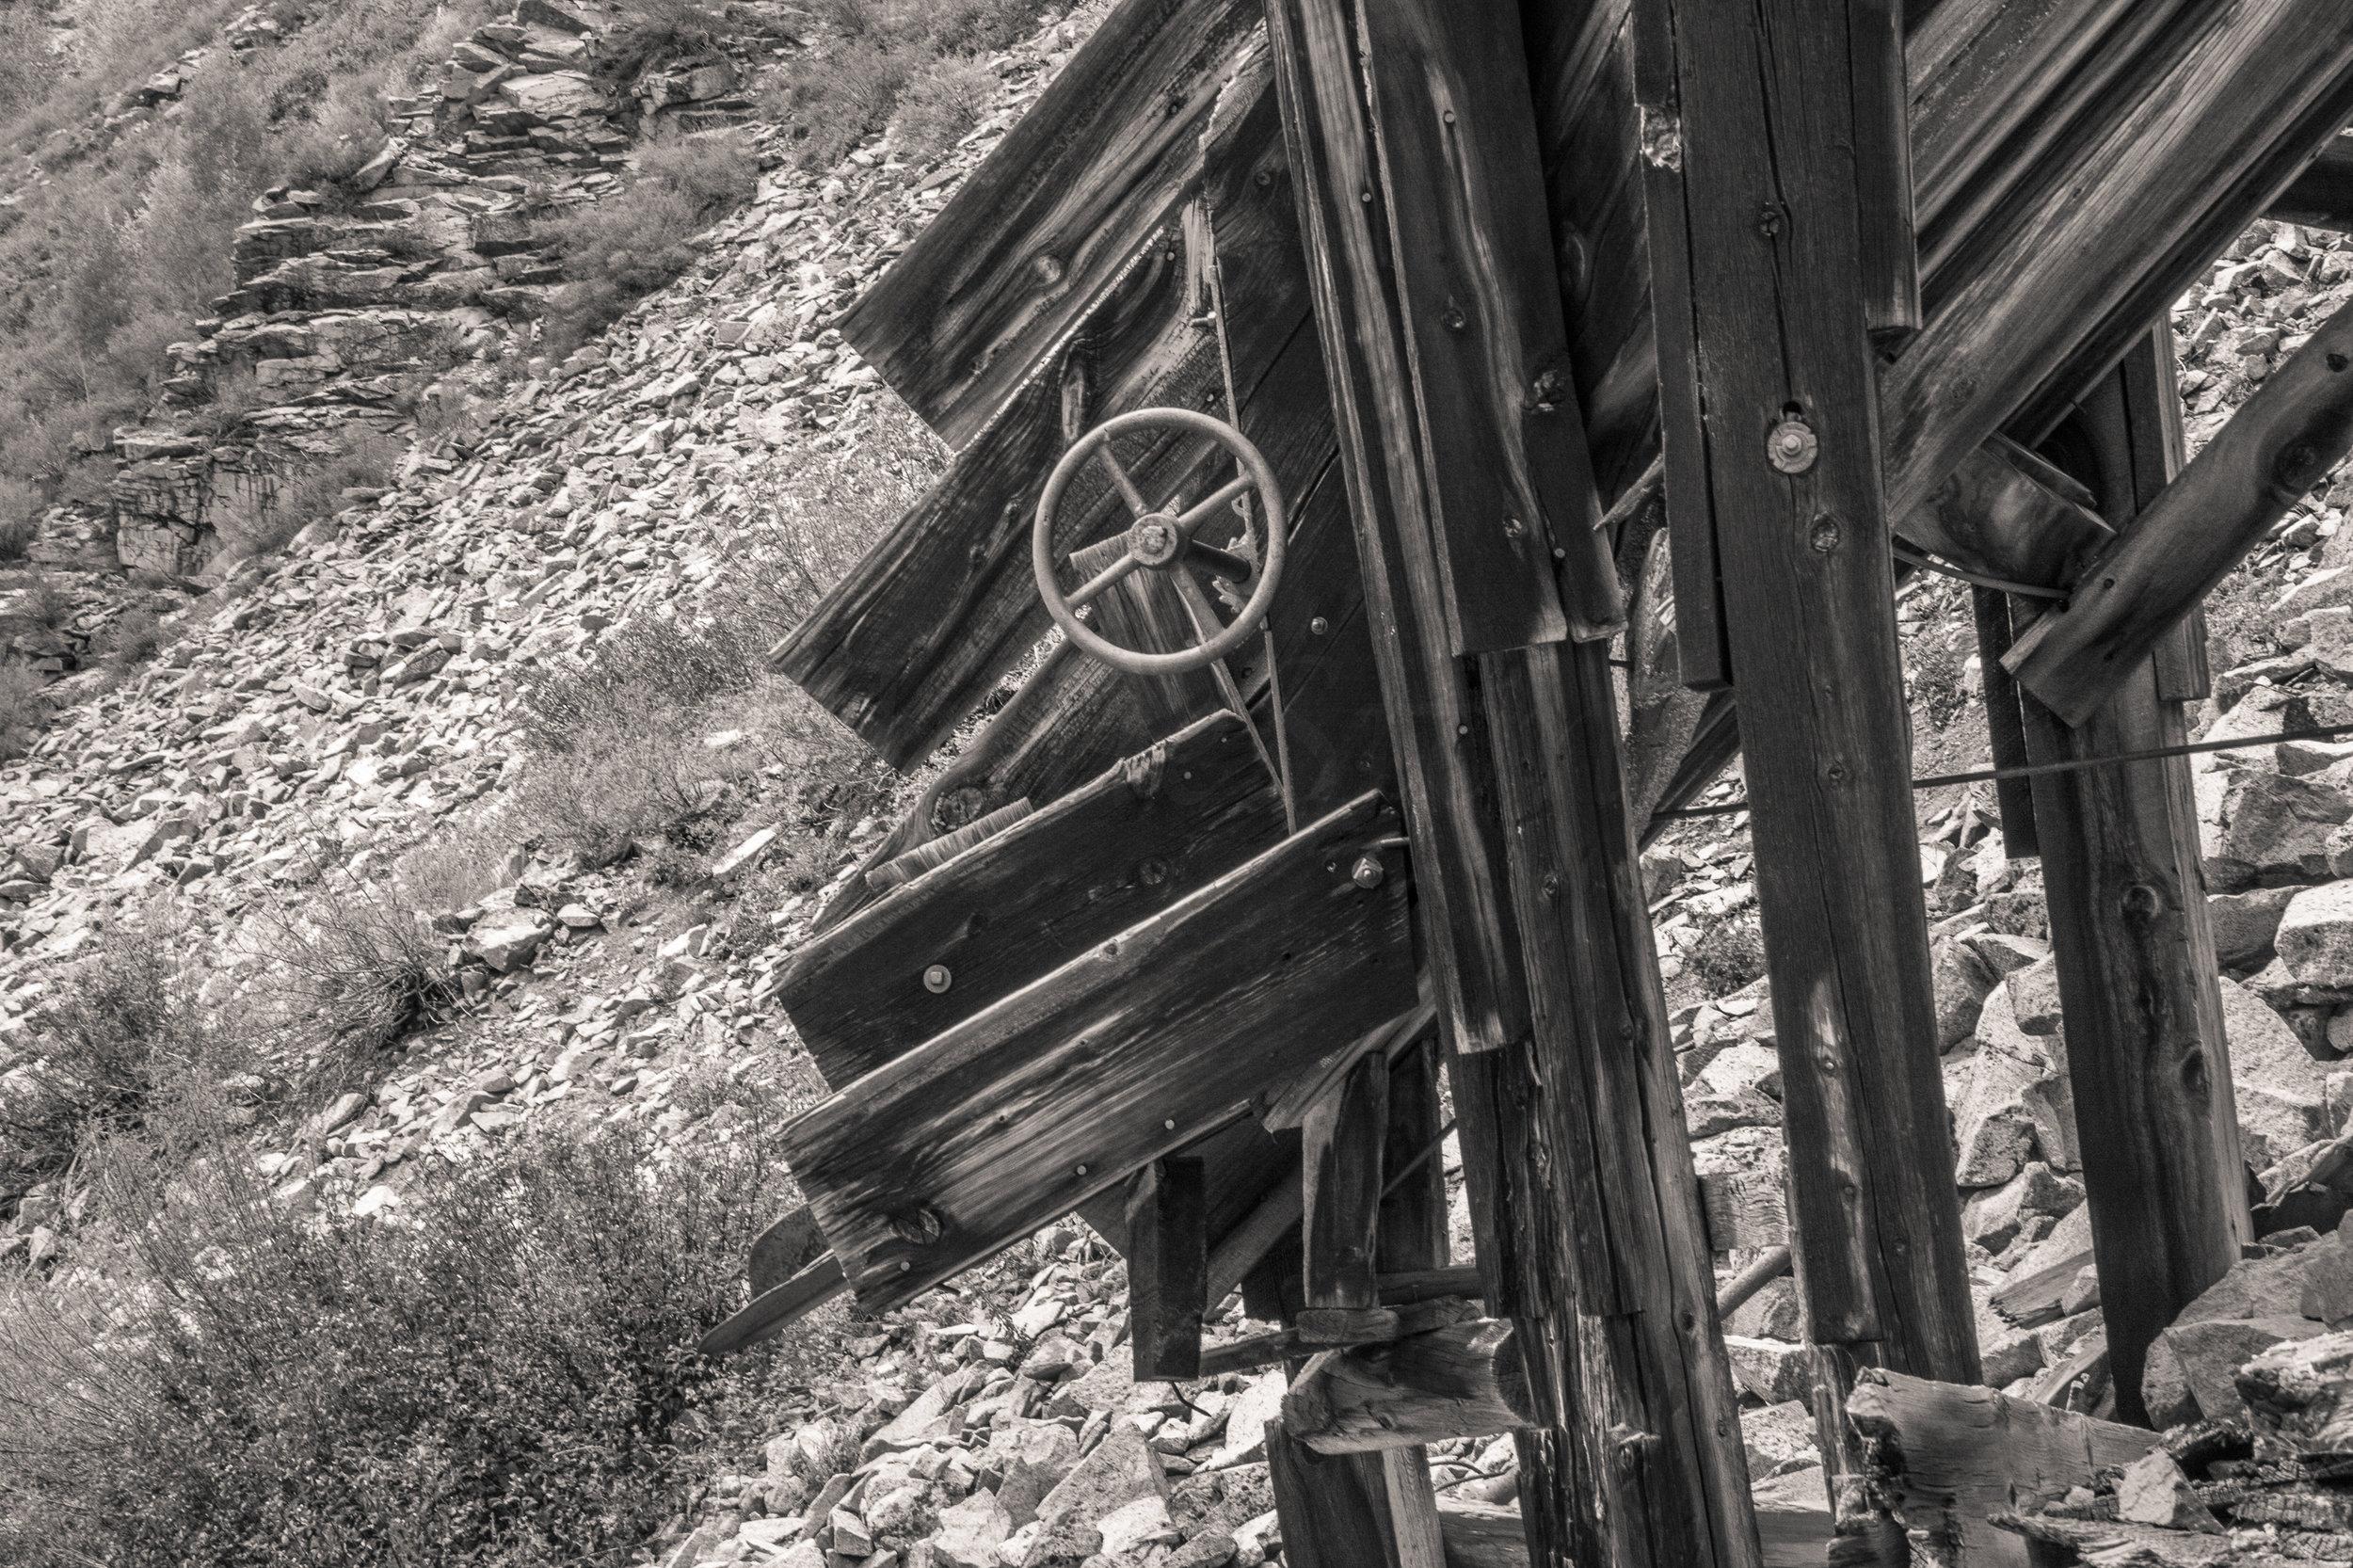 Silverton, Colorado, Image # 0399